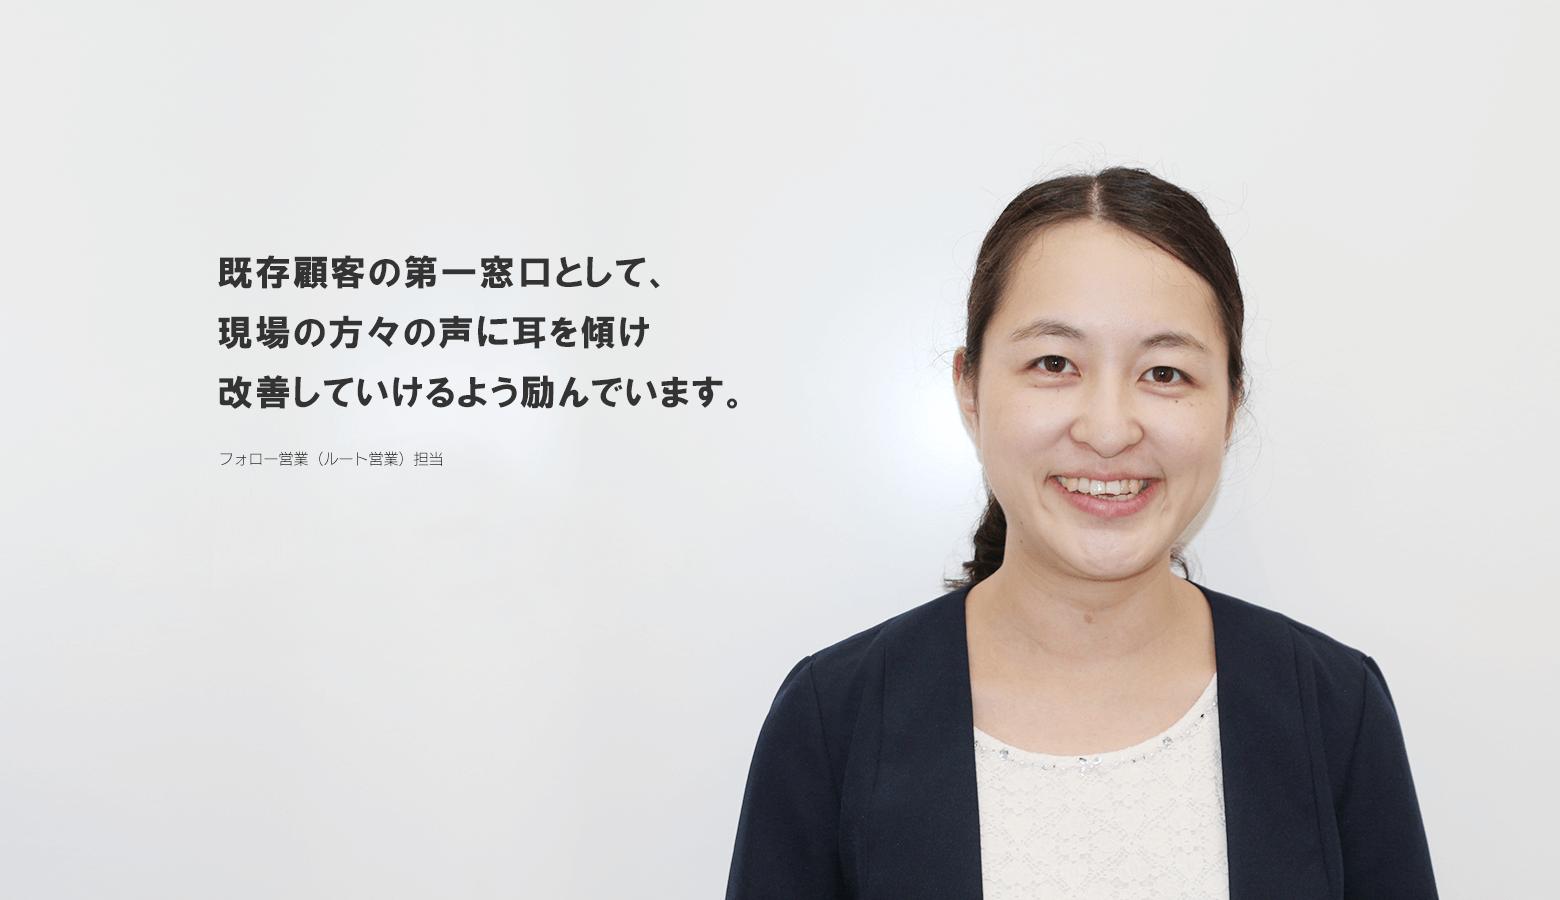 既存顧客の第一窓口として、現場の方々の声に耳を傾け改善していけるよう励んでいます。 CHIAKI IIZUKA 東京営業部 フォロー営業課セールスエンジニア(フォロー営業)